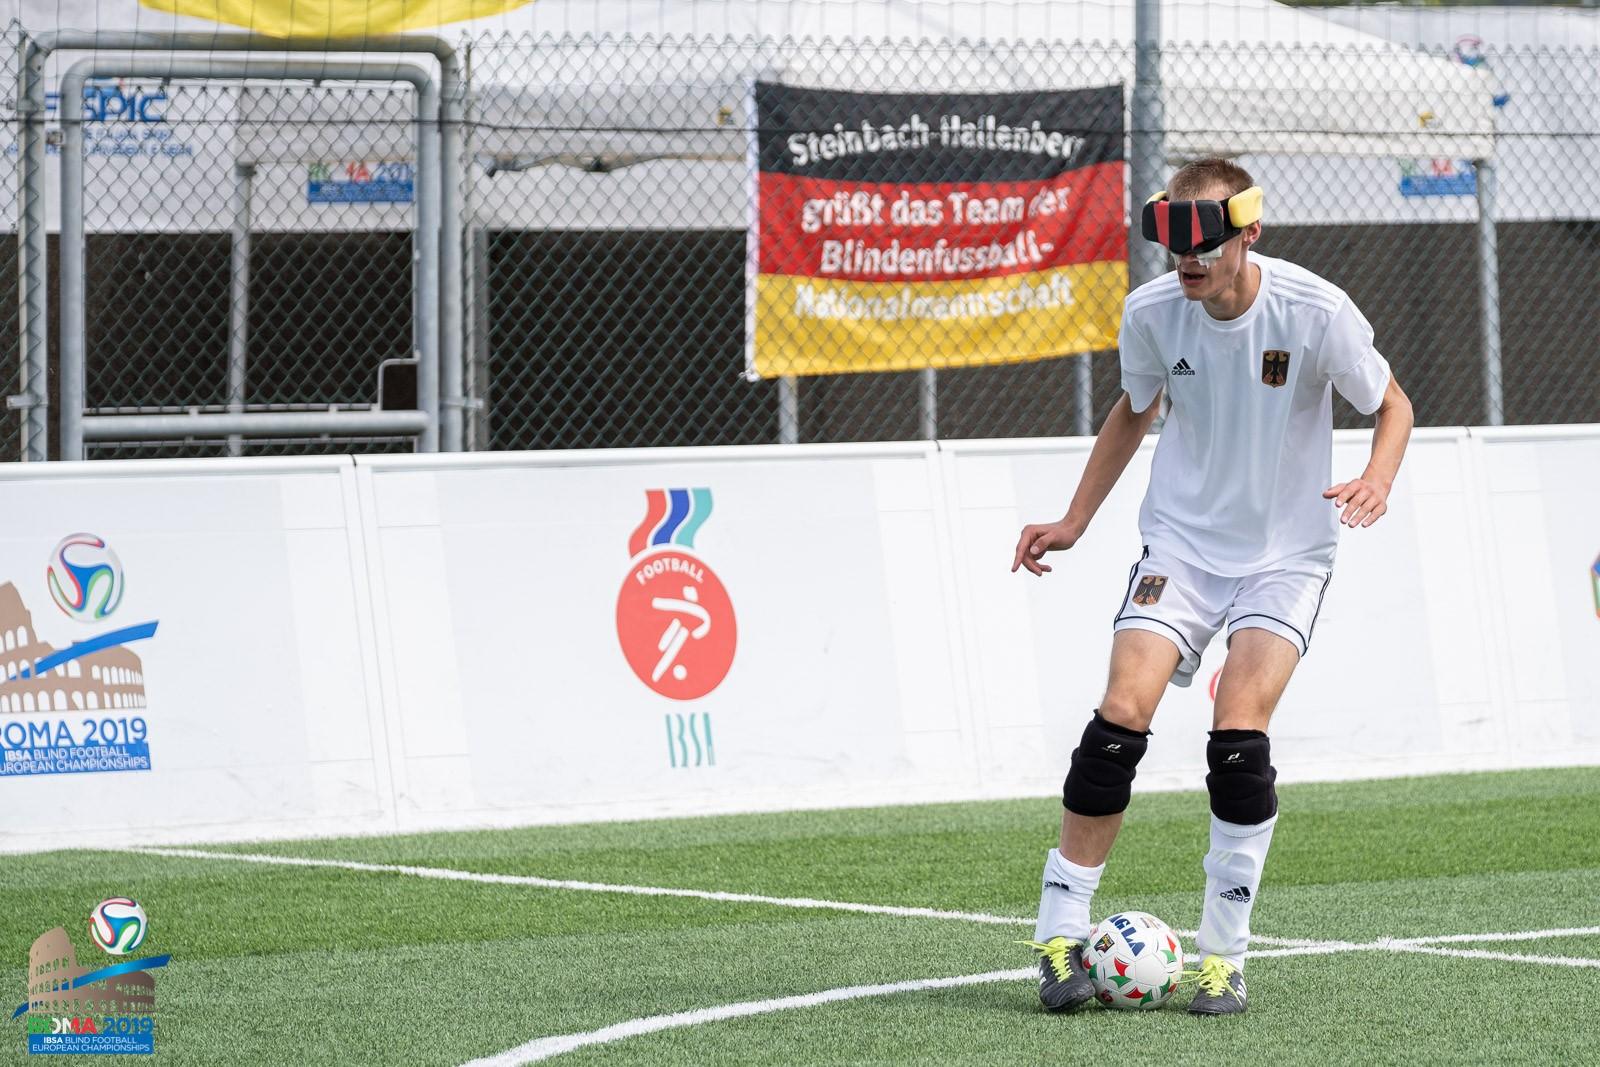 Rasmus Narjes, hier im Spiel gegen Griechenland, verpasst mit dem DBS-Team das Halbfinale. Foto: Simone Forzan, FISPIC